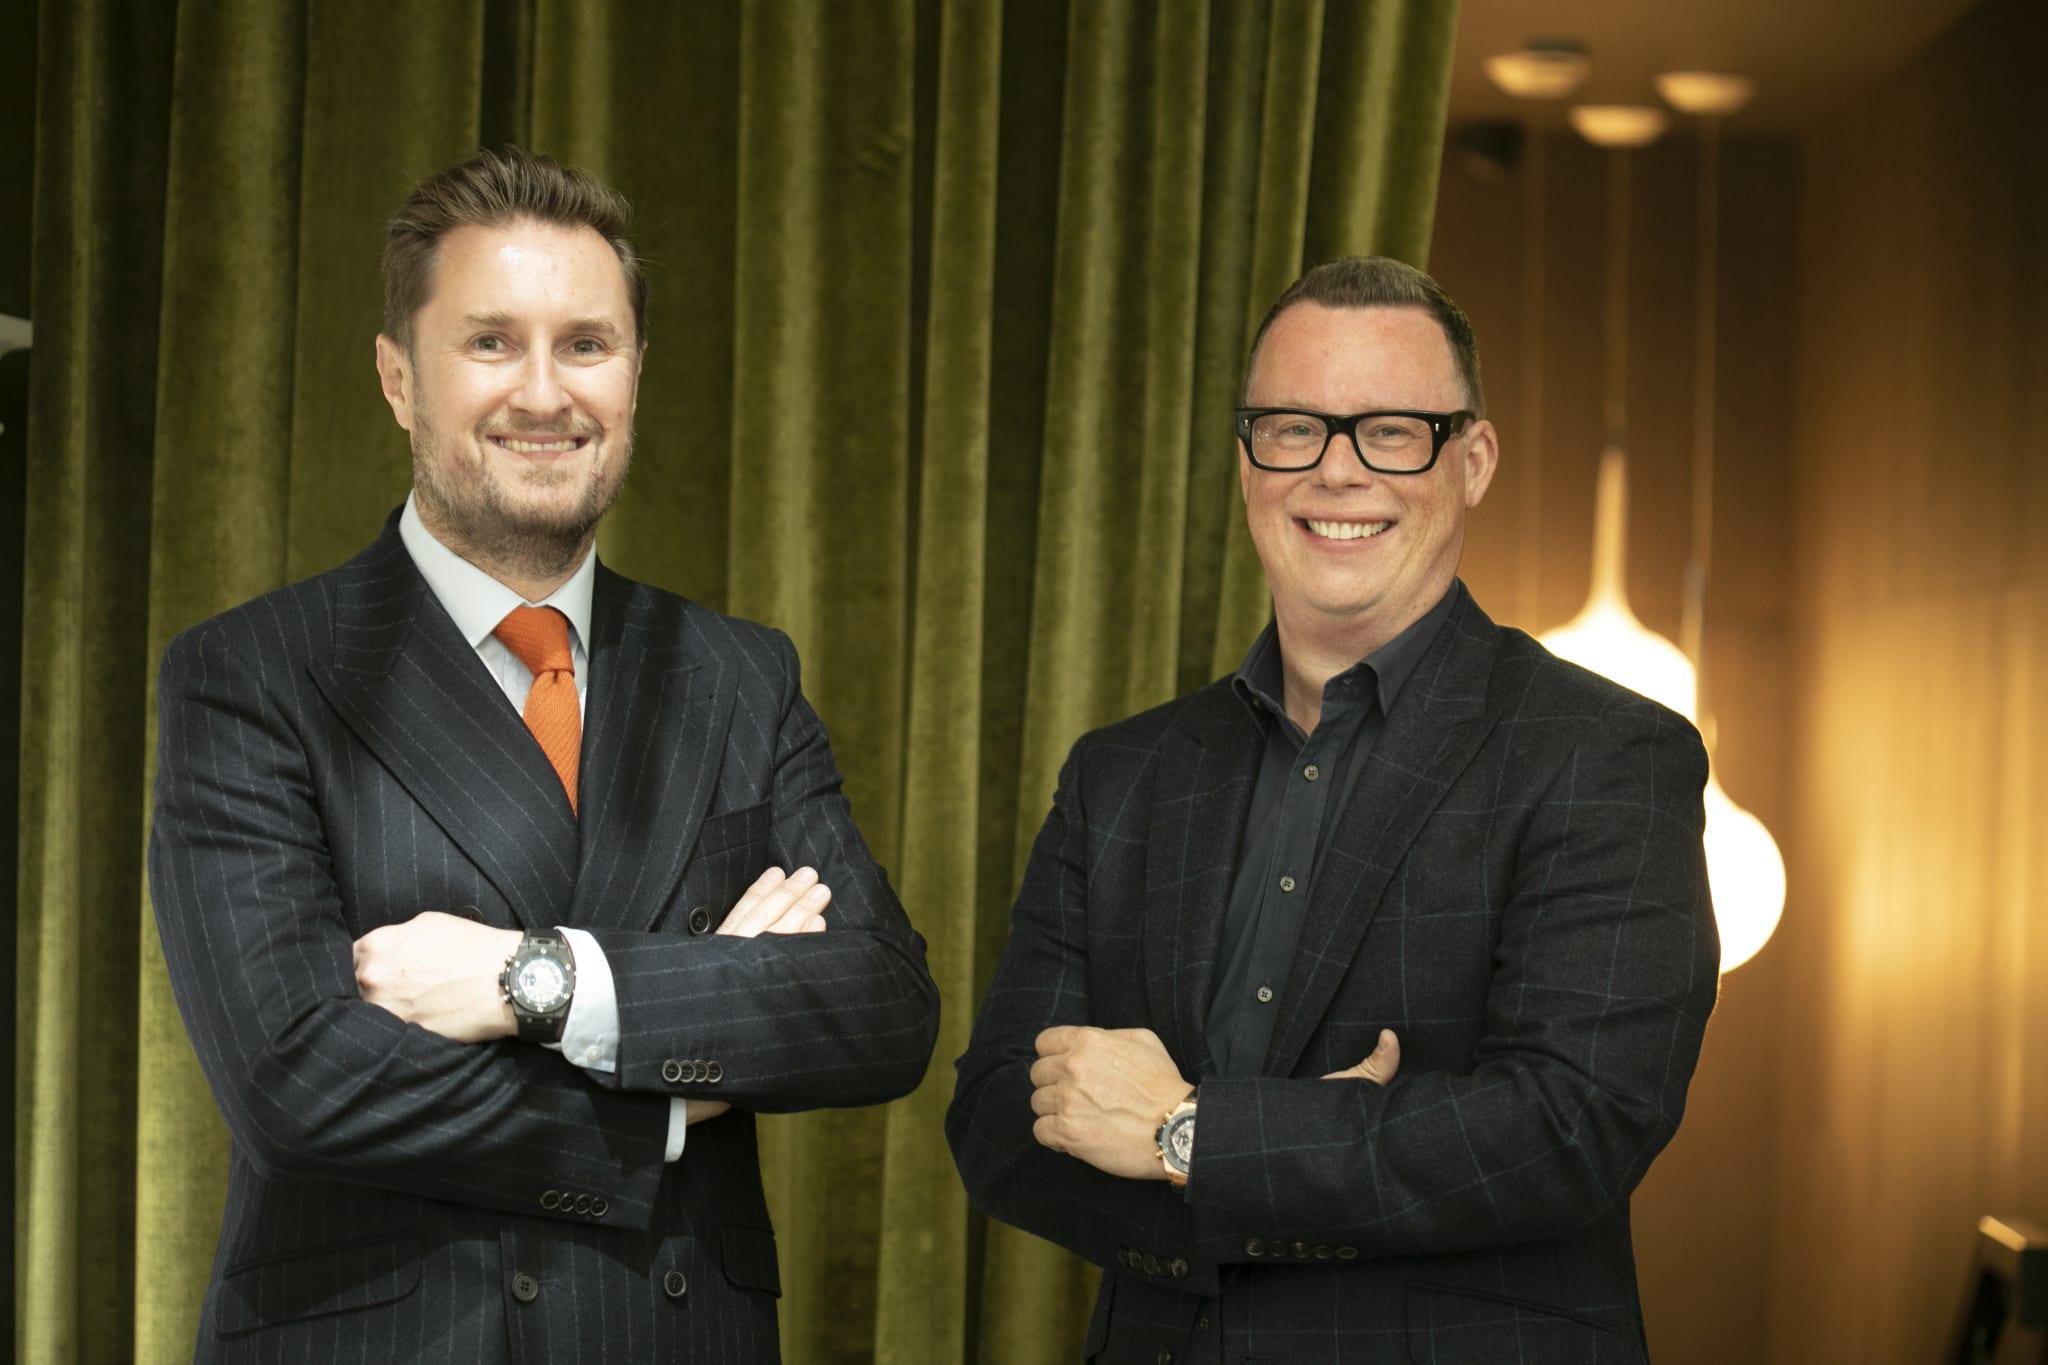 Kyron Keogh & Grant Mitchell